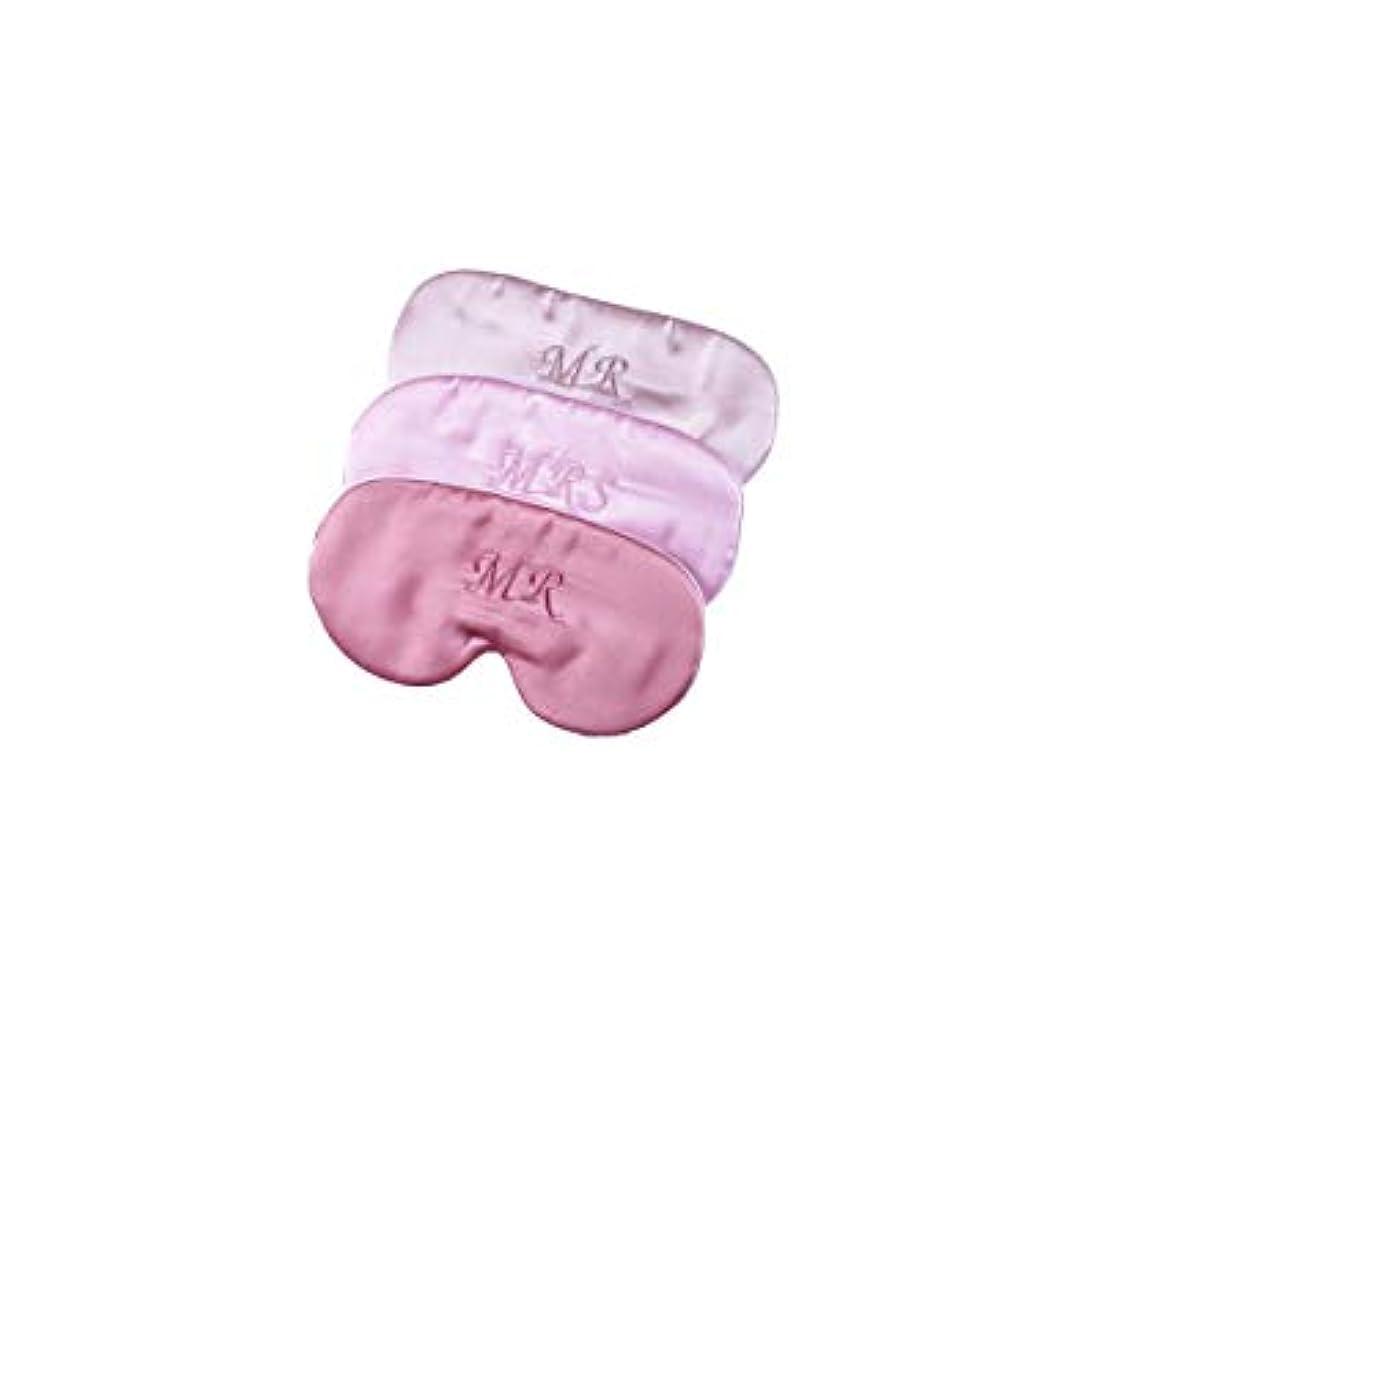 ストリームどうやら完全に乾くシルクゴーグル調節可能、100%シルク、イヤホン収納バッグギフトボックス4セットの刺繍モデル日よけ女性、通気性、快適、いびきアーチファクト (Color : Pink)